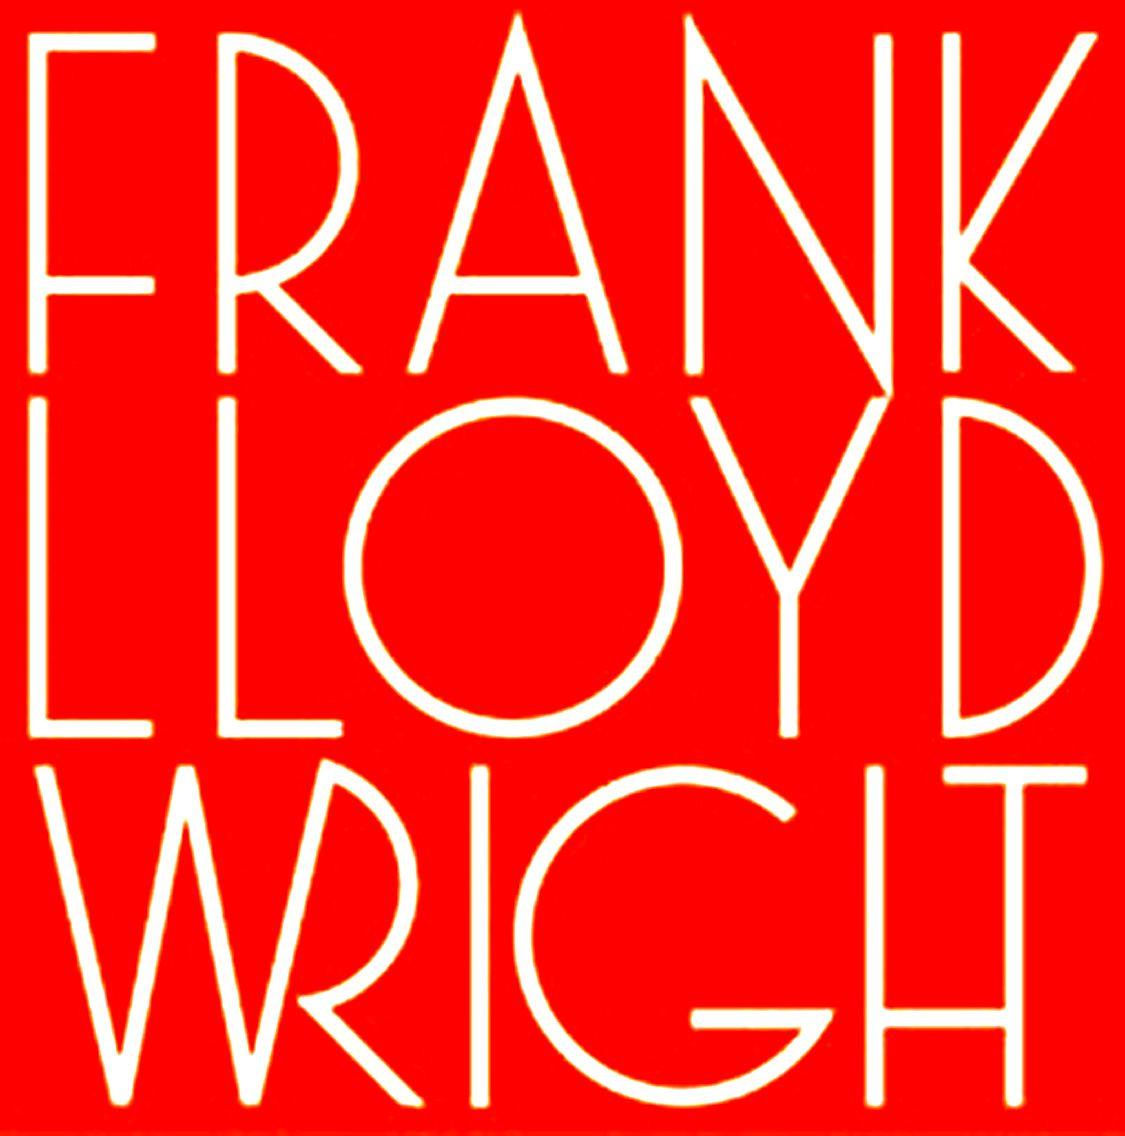 Wg West Coast Font: Frank Lloyd Wright, Logo.